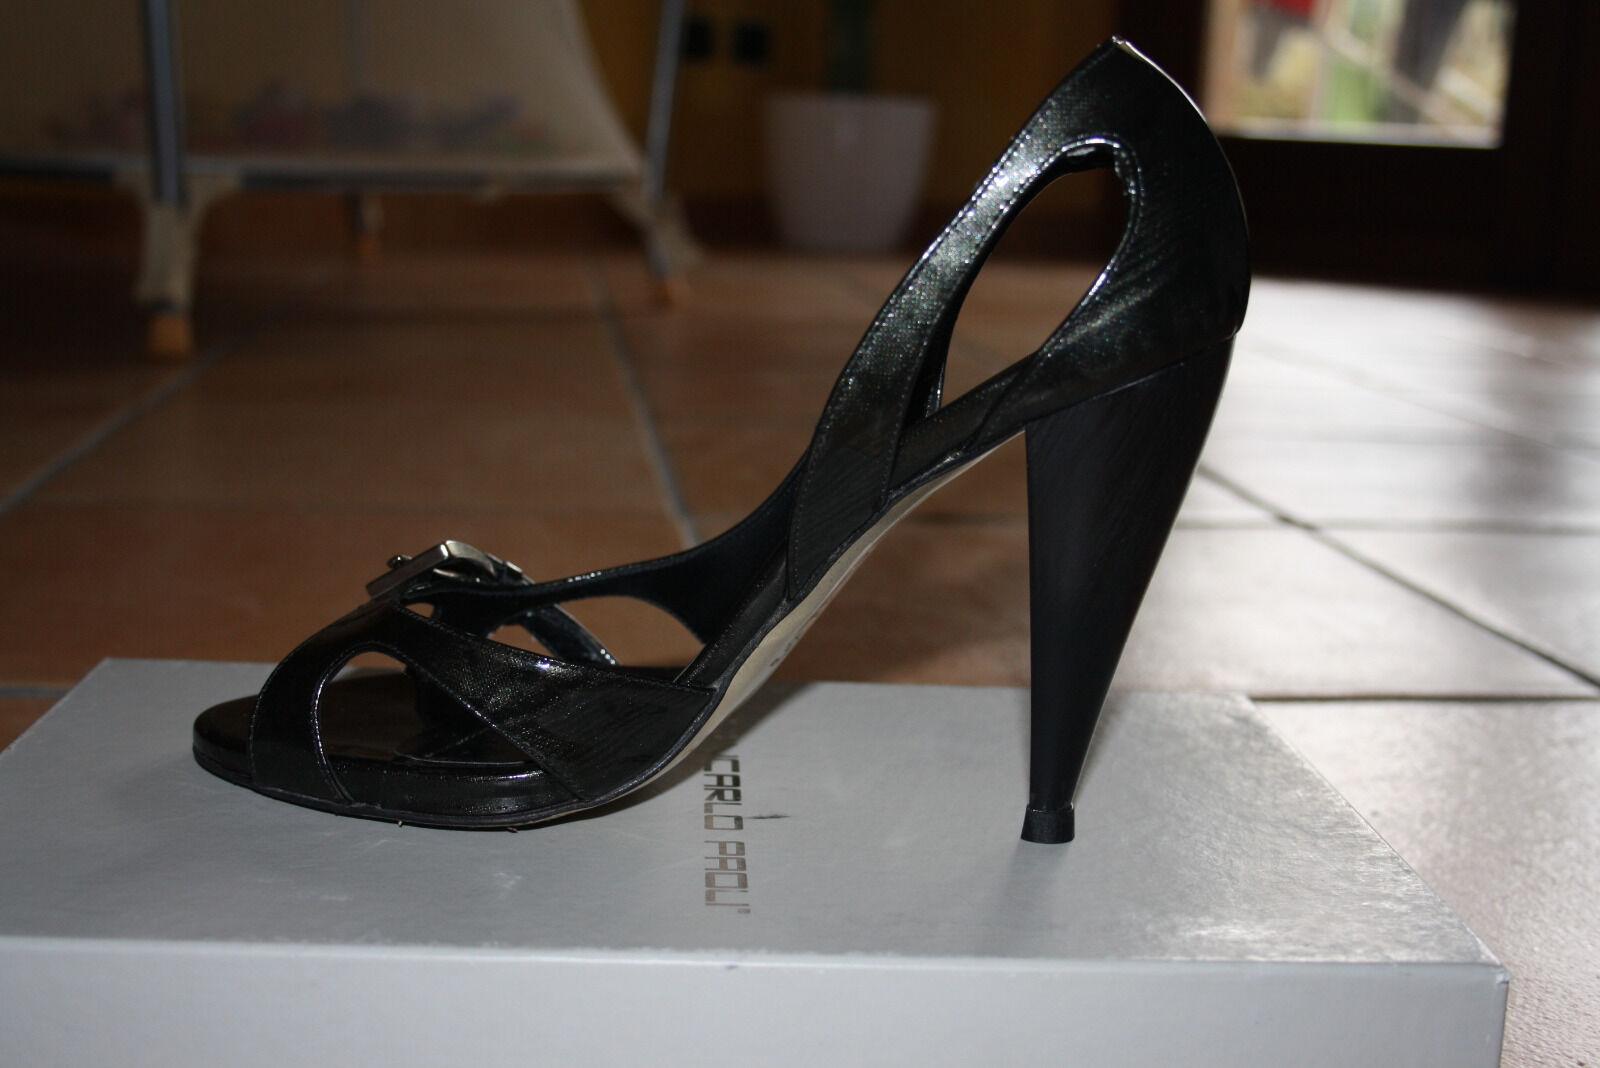 shoes Giancarlo Paoli sandali cerimonia tacco numero 40 (shoes) made made made in  e45954